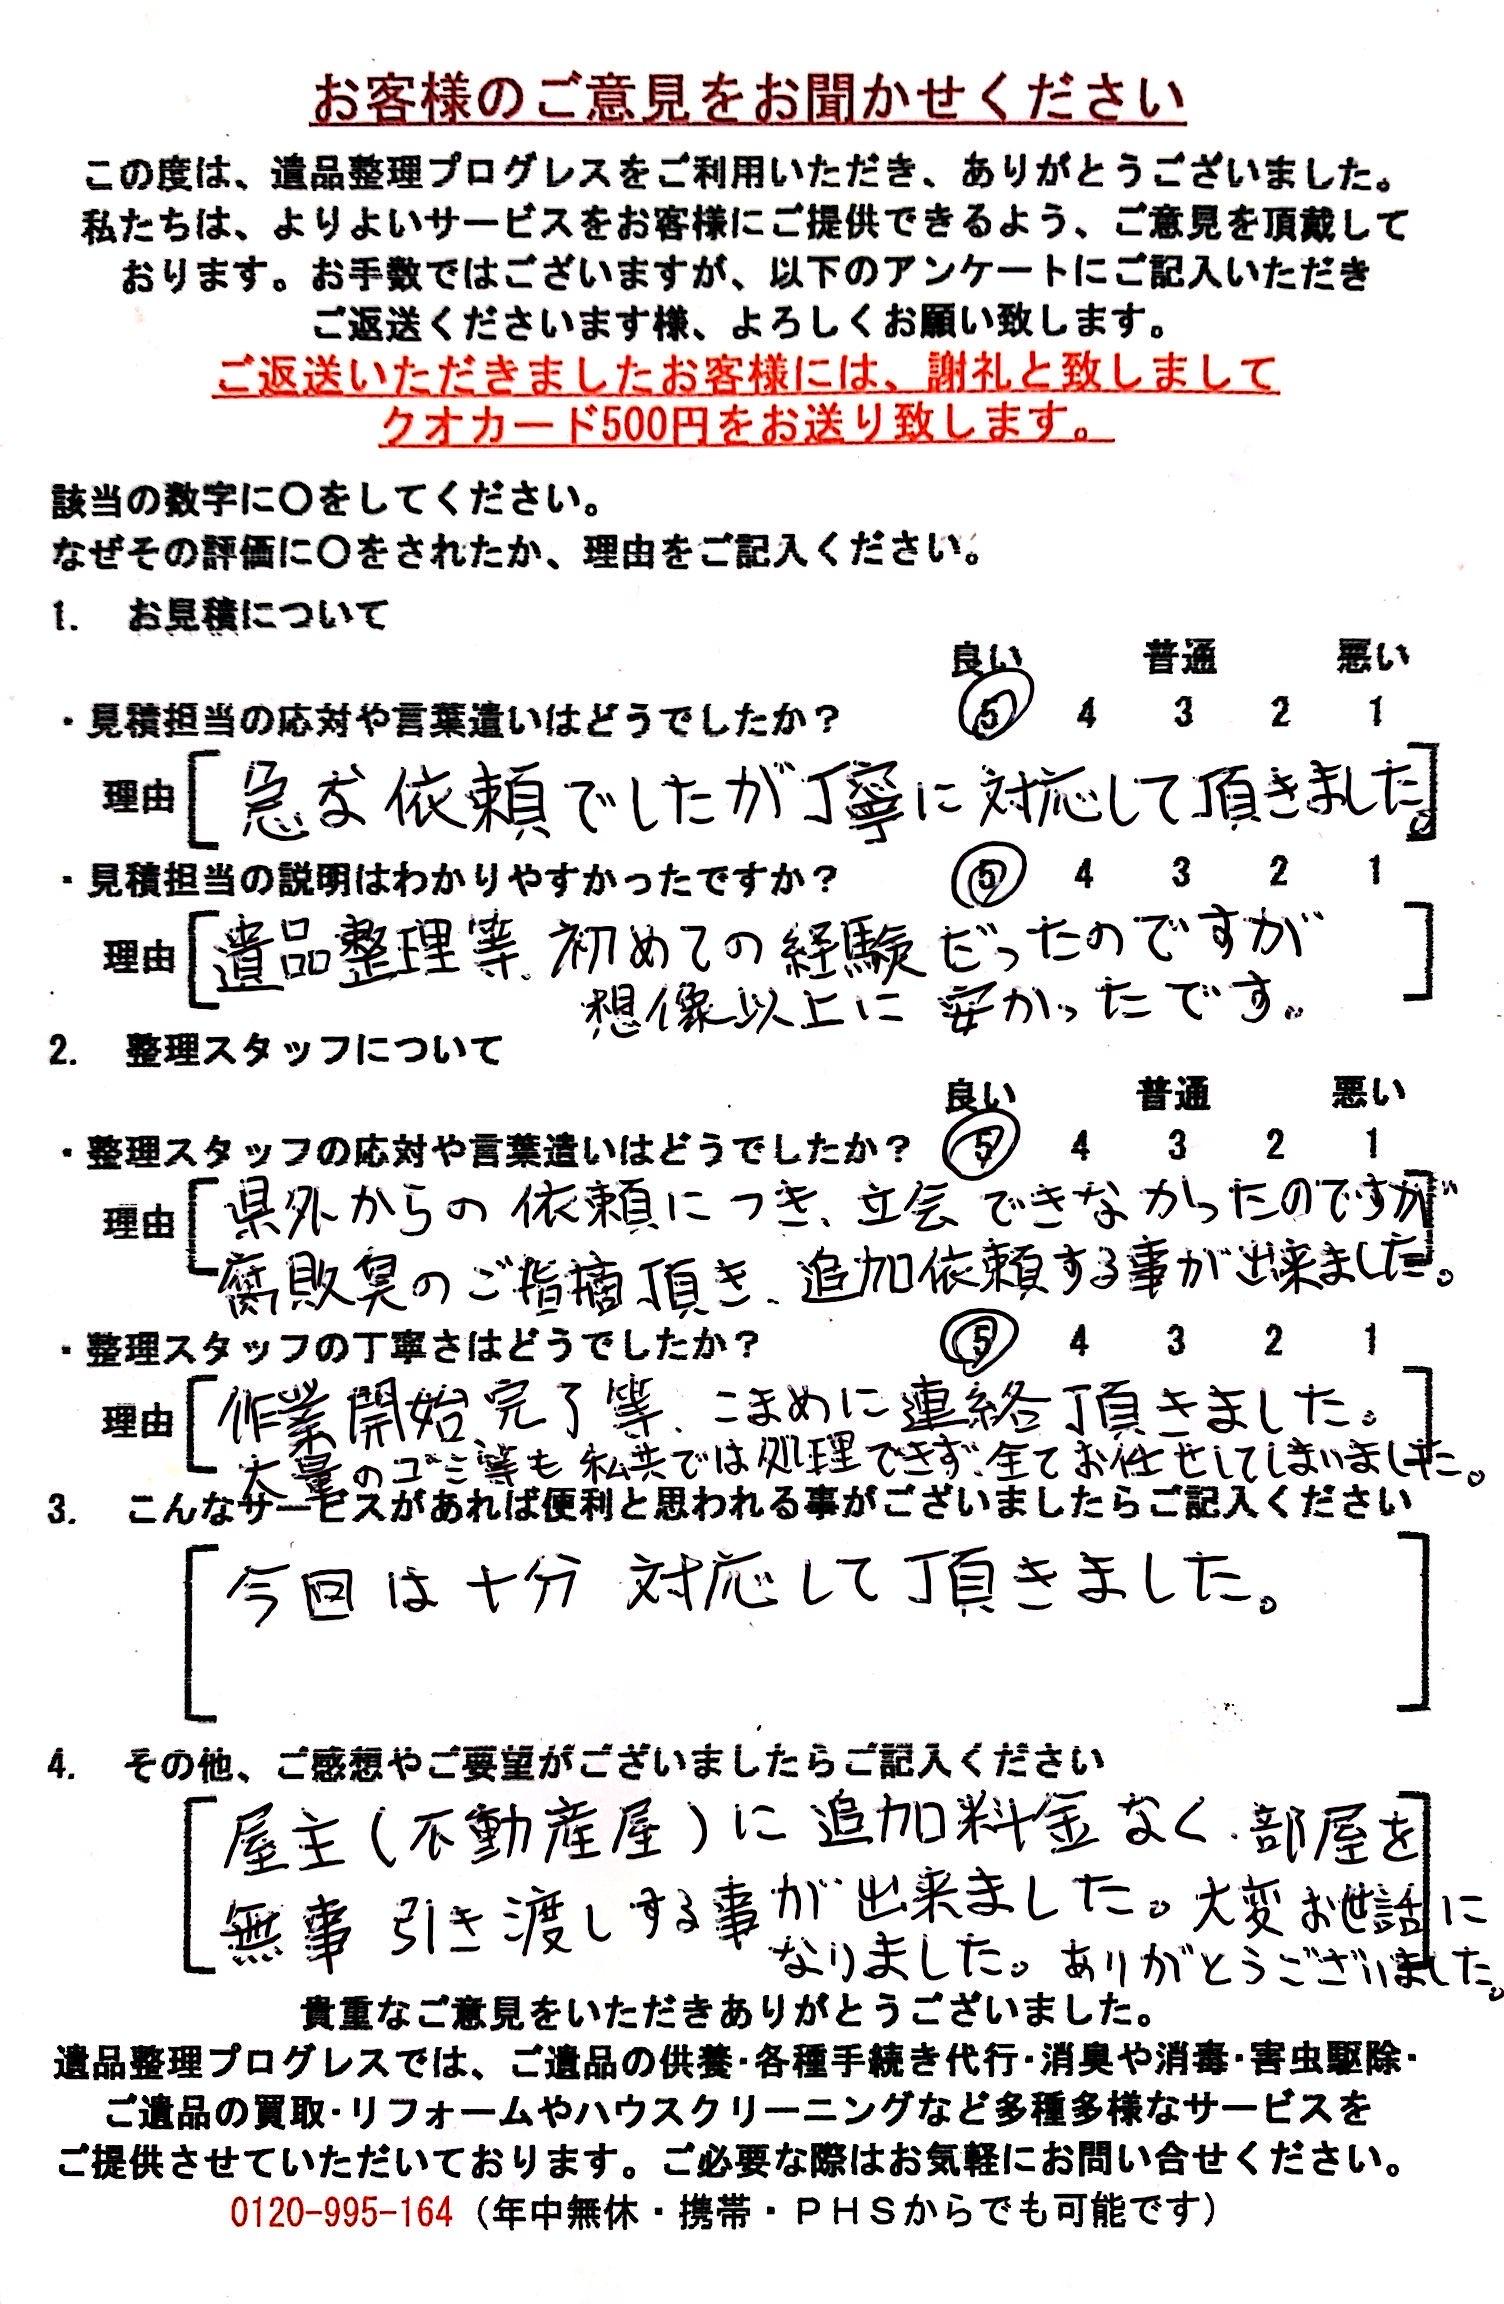 T・I様 徳島県板野郡のアンケート用紙